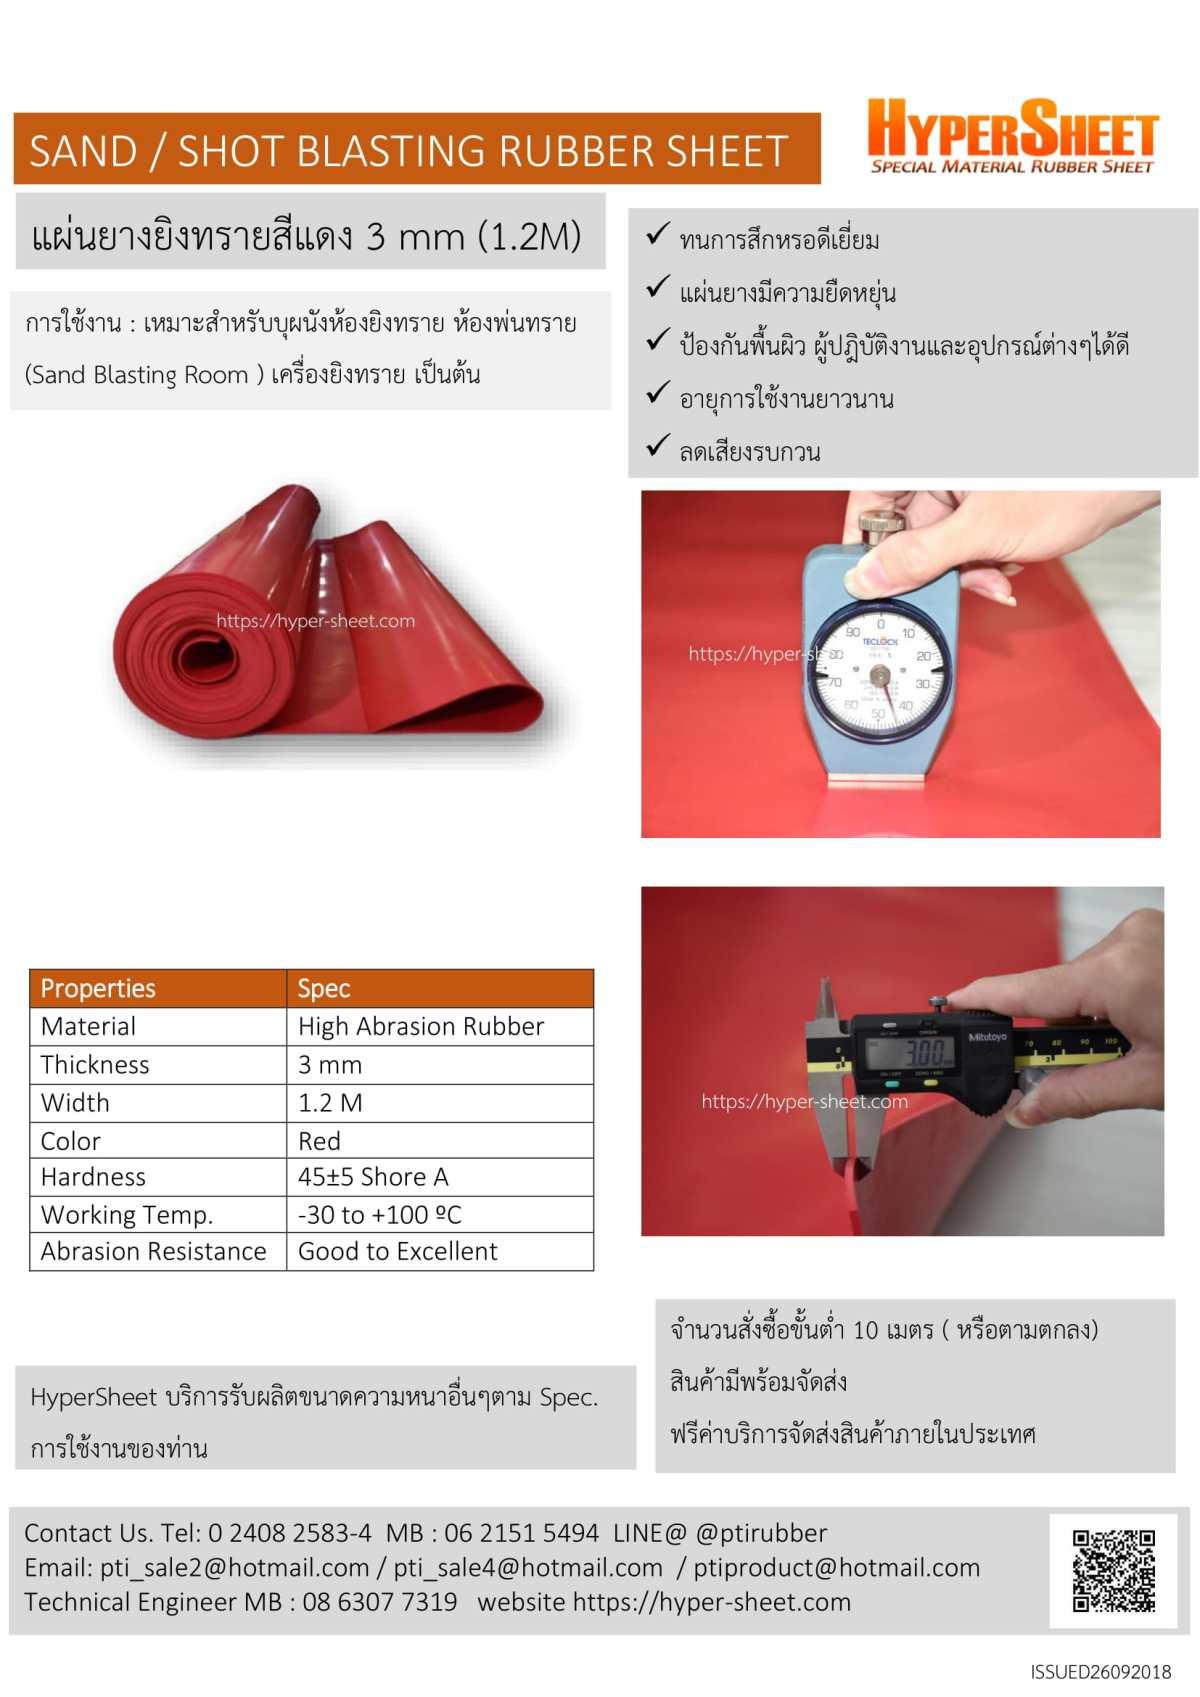 แผ่นยางยิงทรายสีแดง 3 mm width 1.2 M-1.jpg